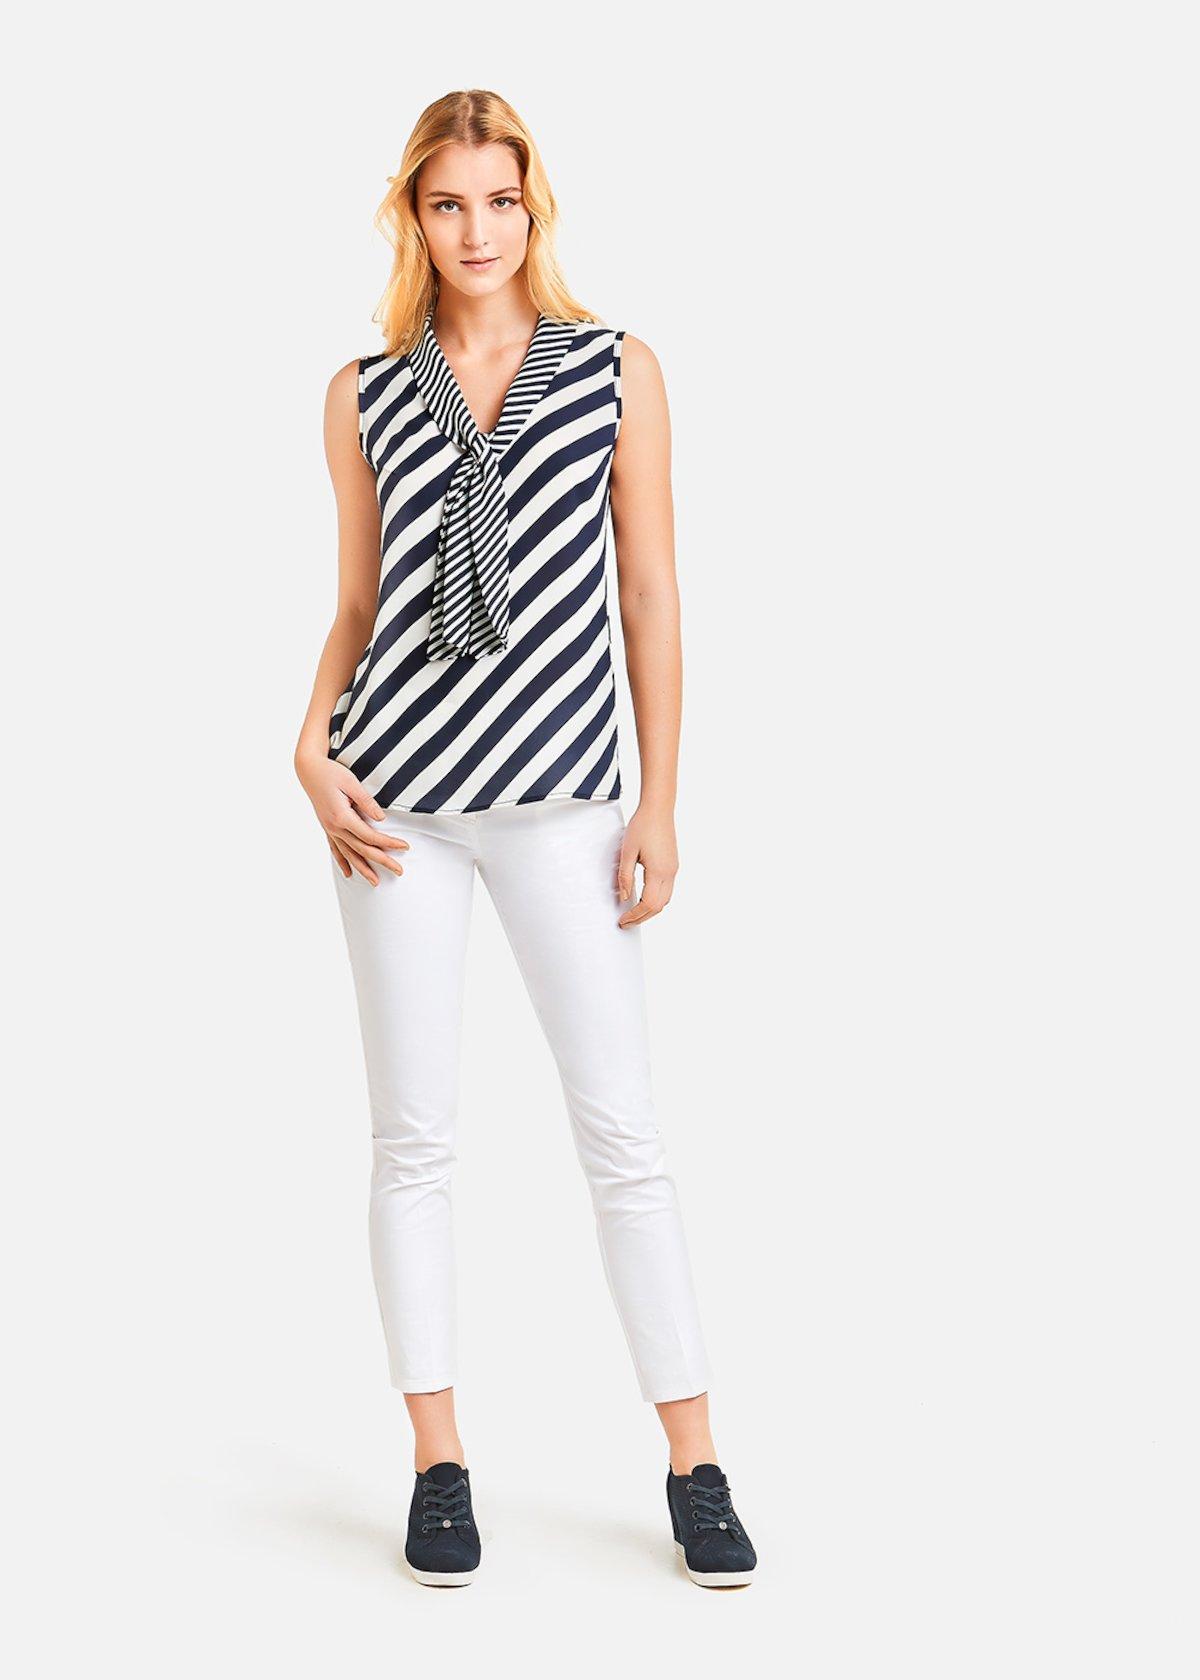 Top Thiago with stripes print